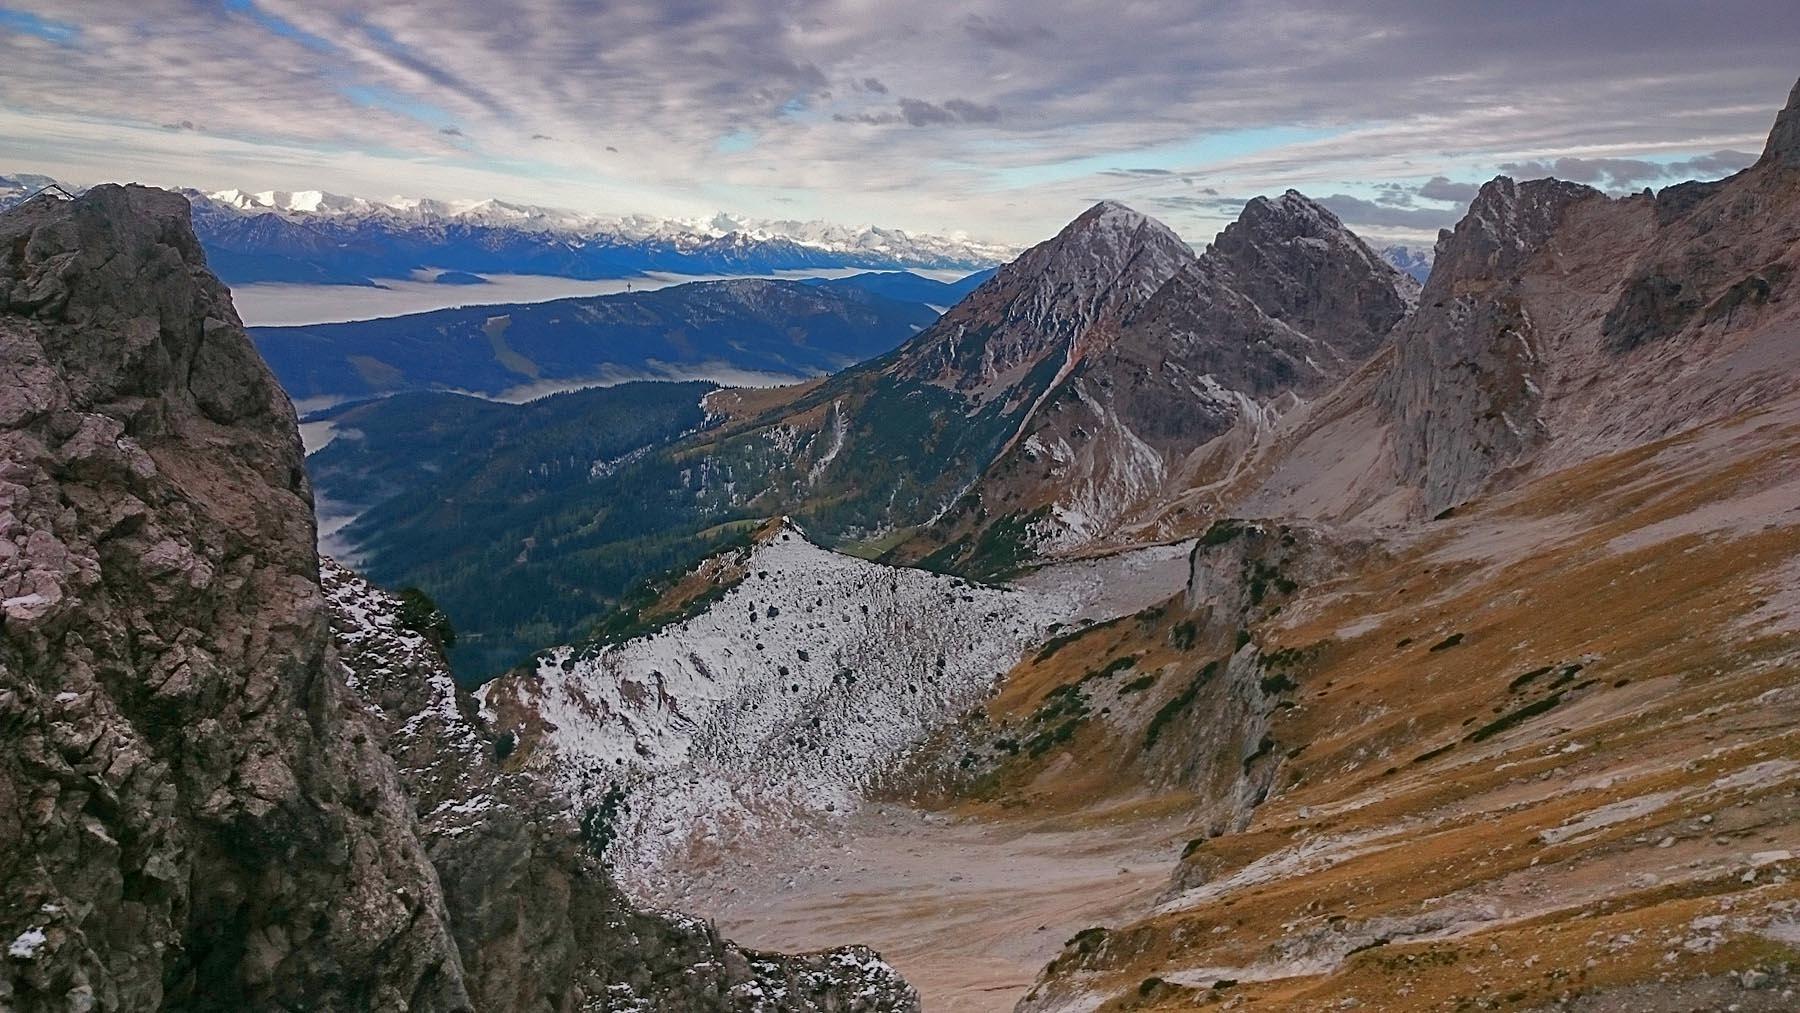 Dachstein I - Posledný pohľad z výšky